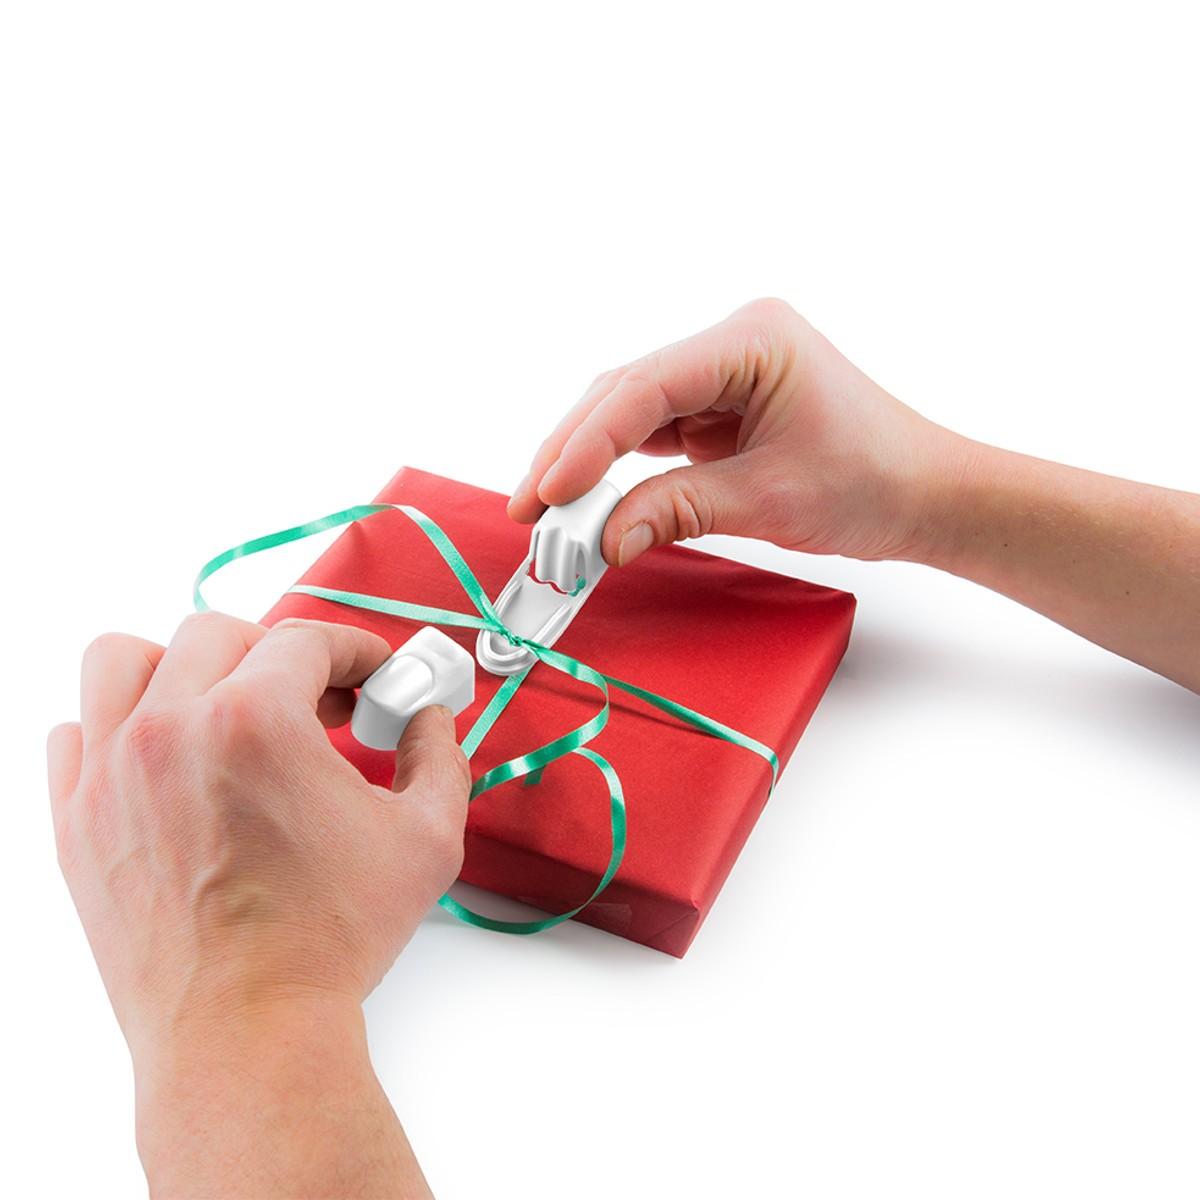 Kciuk do pakowania prezentów